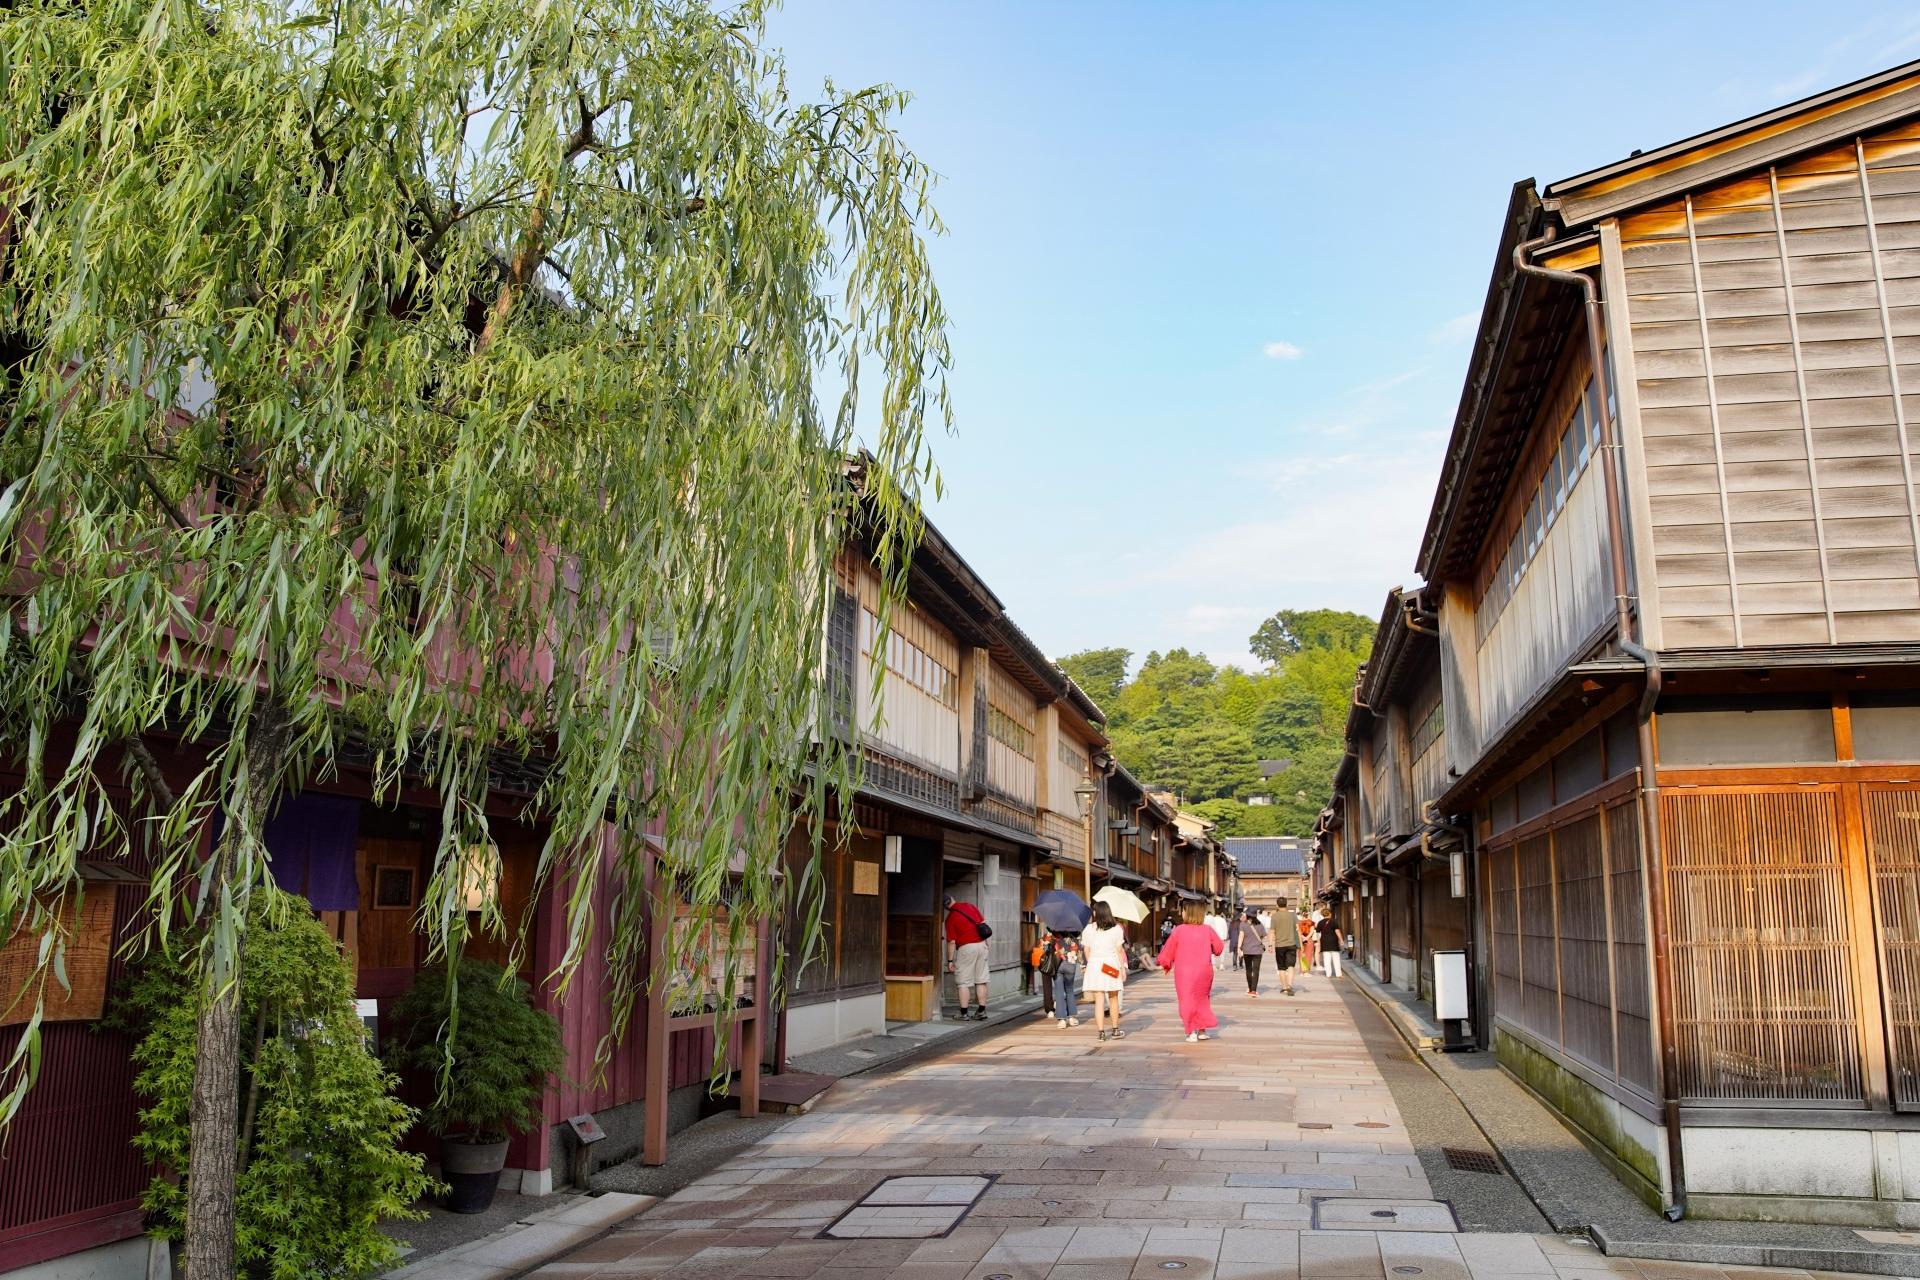 25 Things to Do in & Around Kanazawa